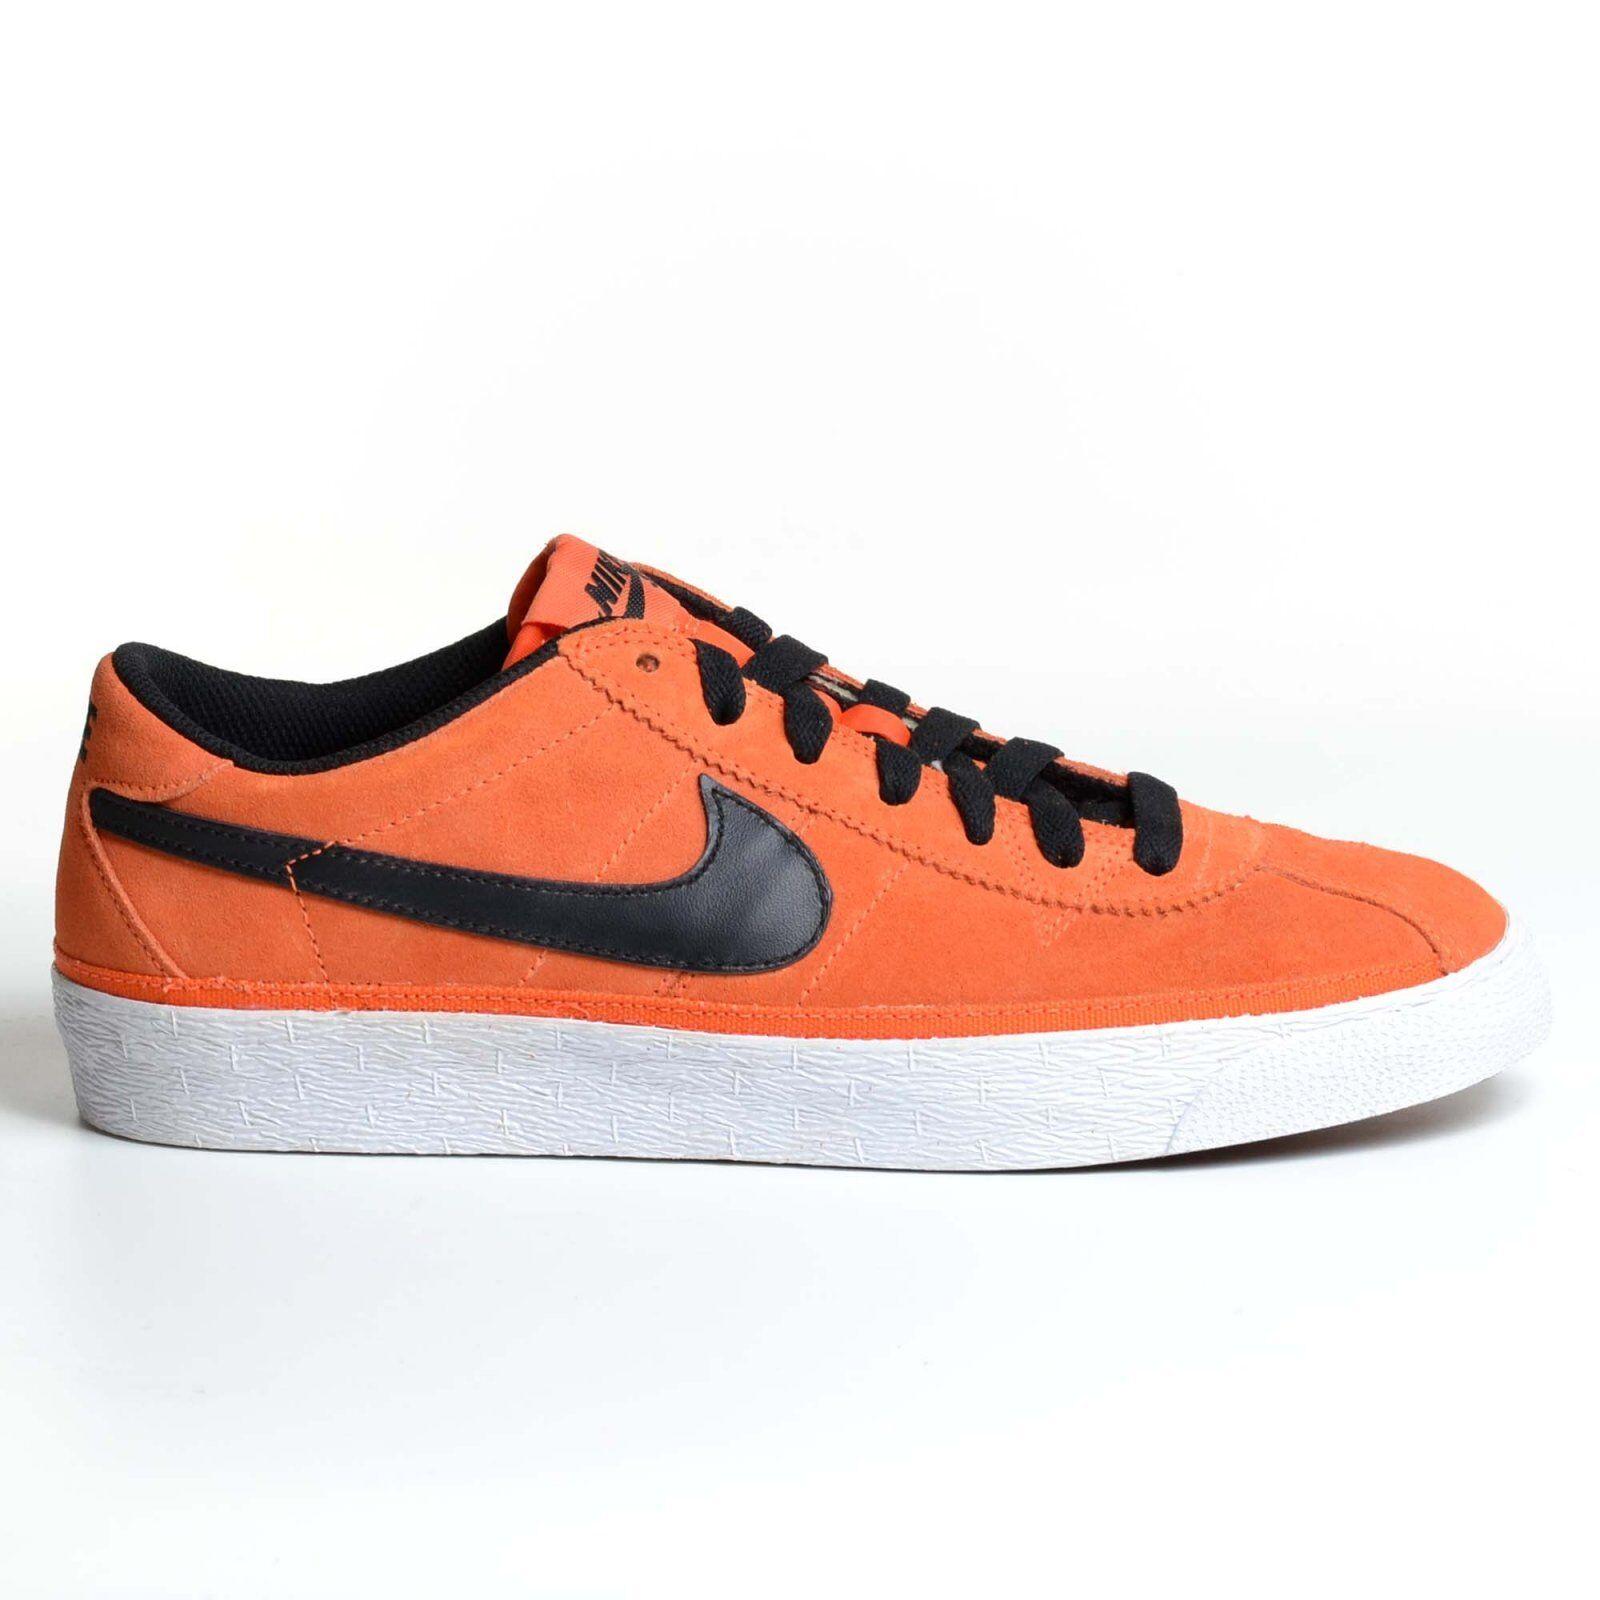 Nike Zoom Bruin Blaze Sb Orange Blaze Bruin 2010 Black Skateboarding Shoes 366665-800 6b8b0f